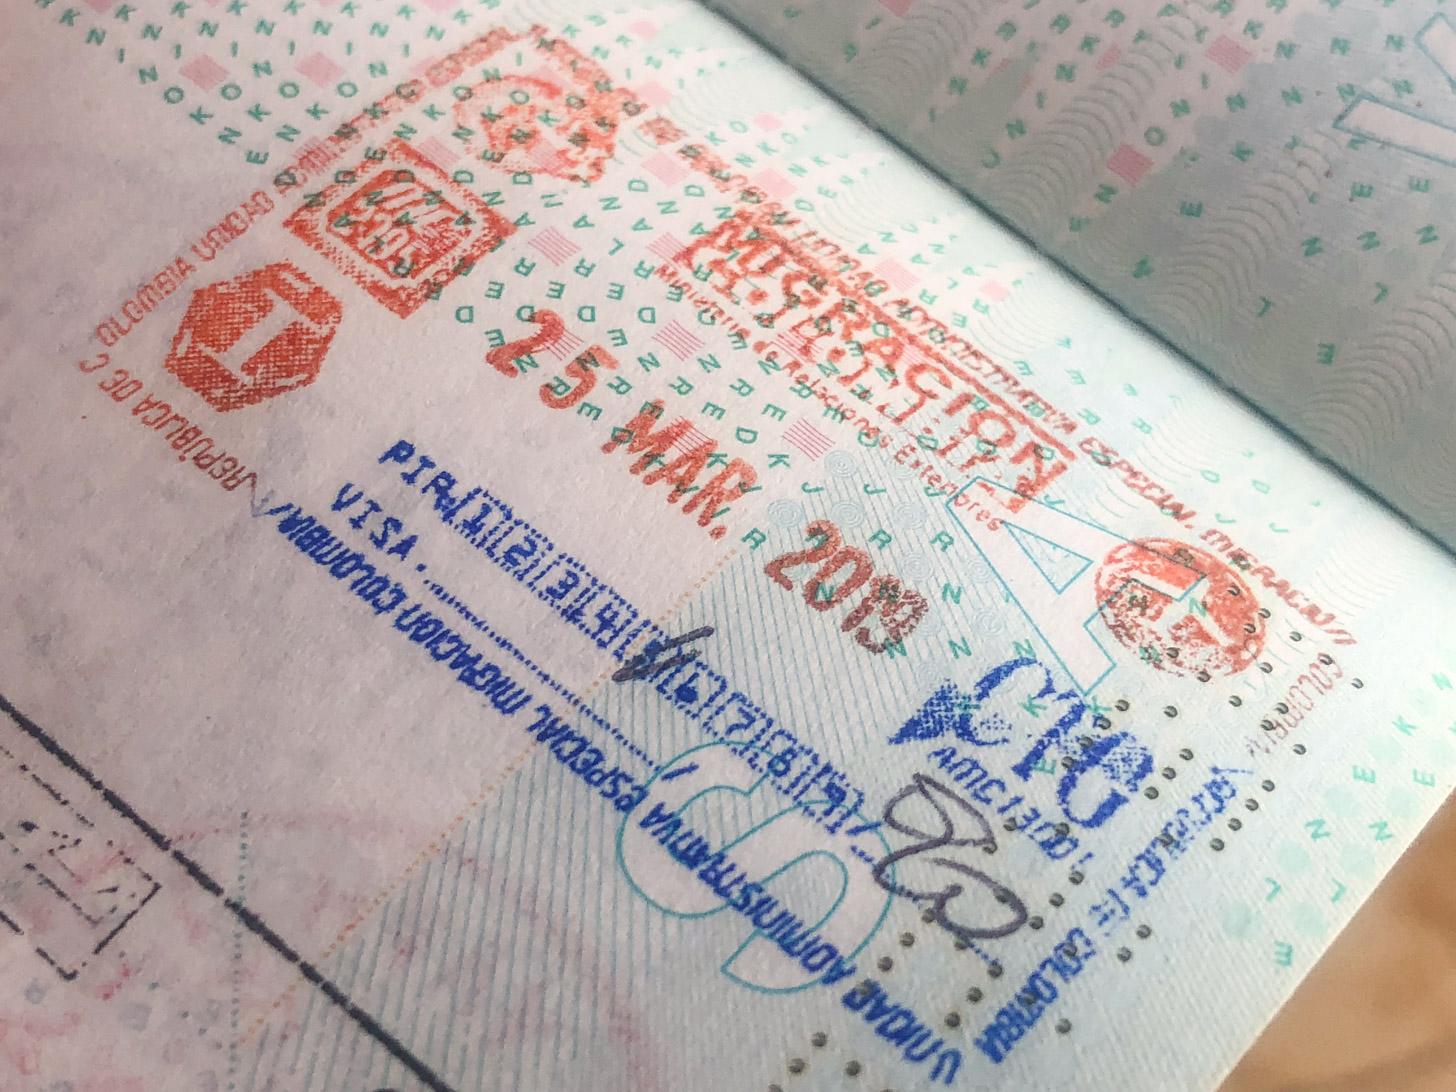 een Colombia-stempel in het paspoort